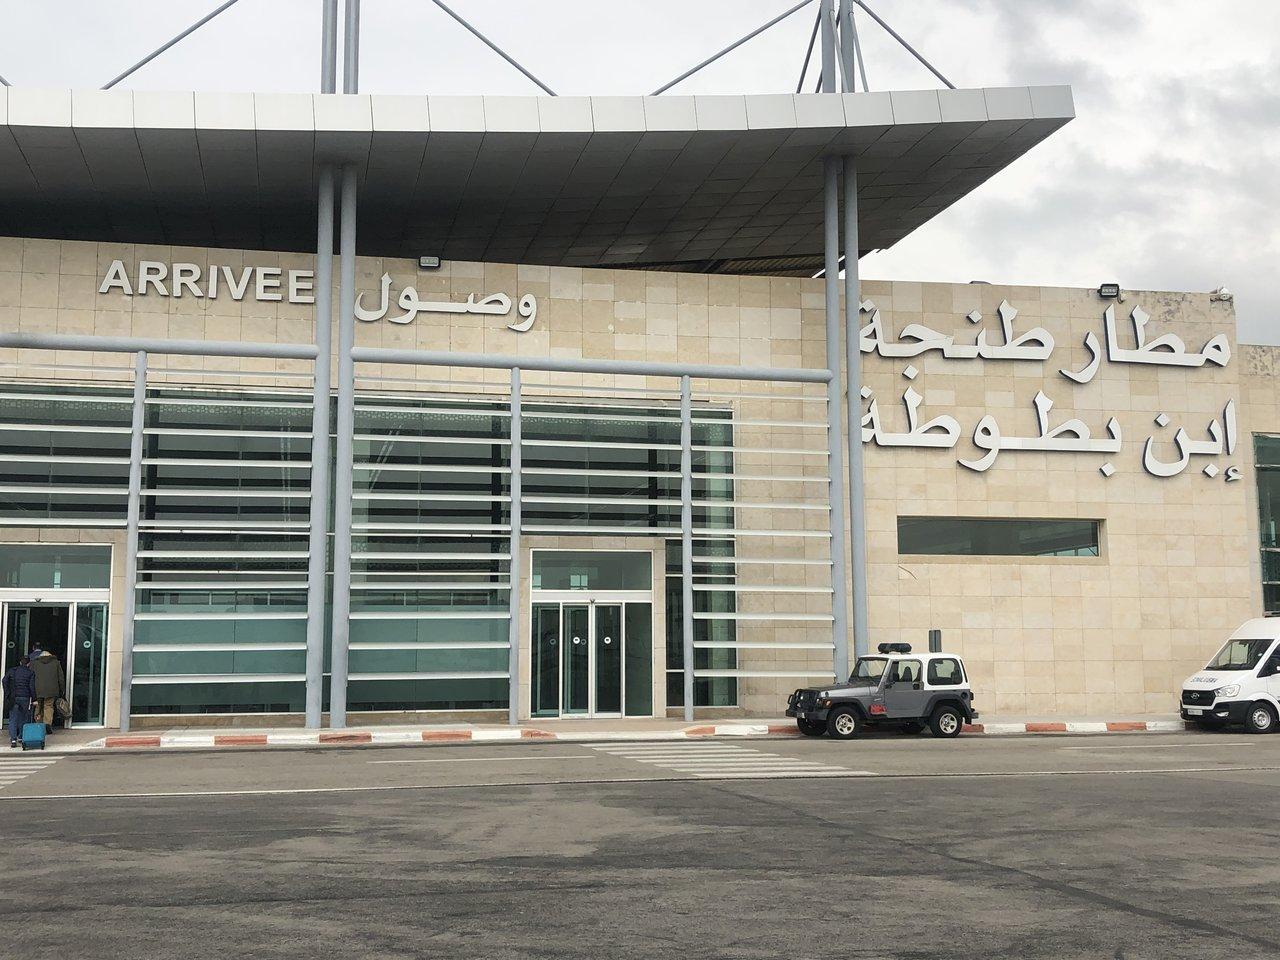 Tangier airport   Photo taken by Filipinas C